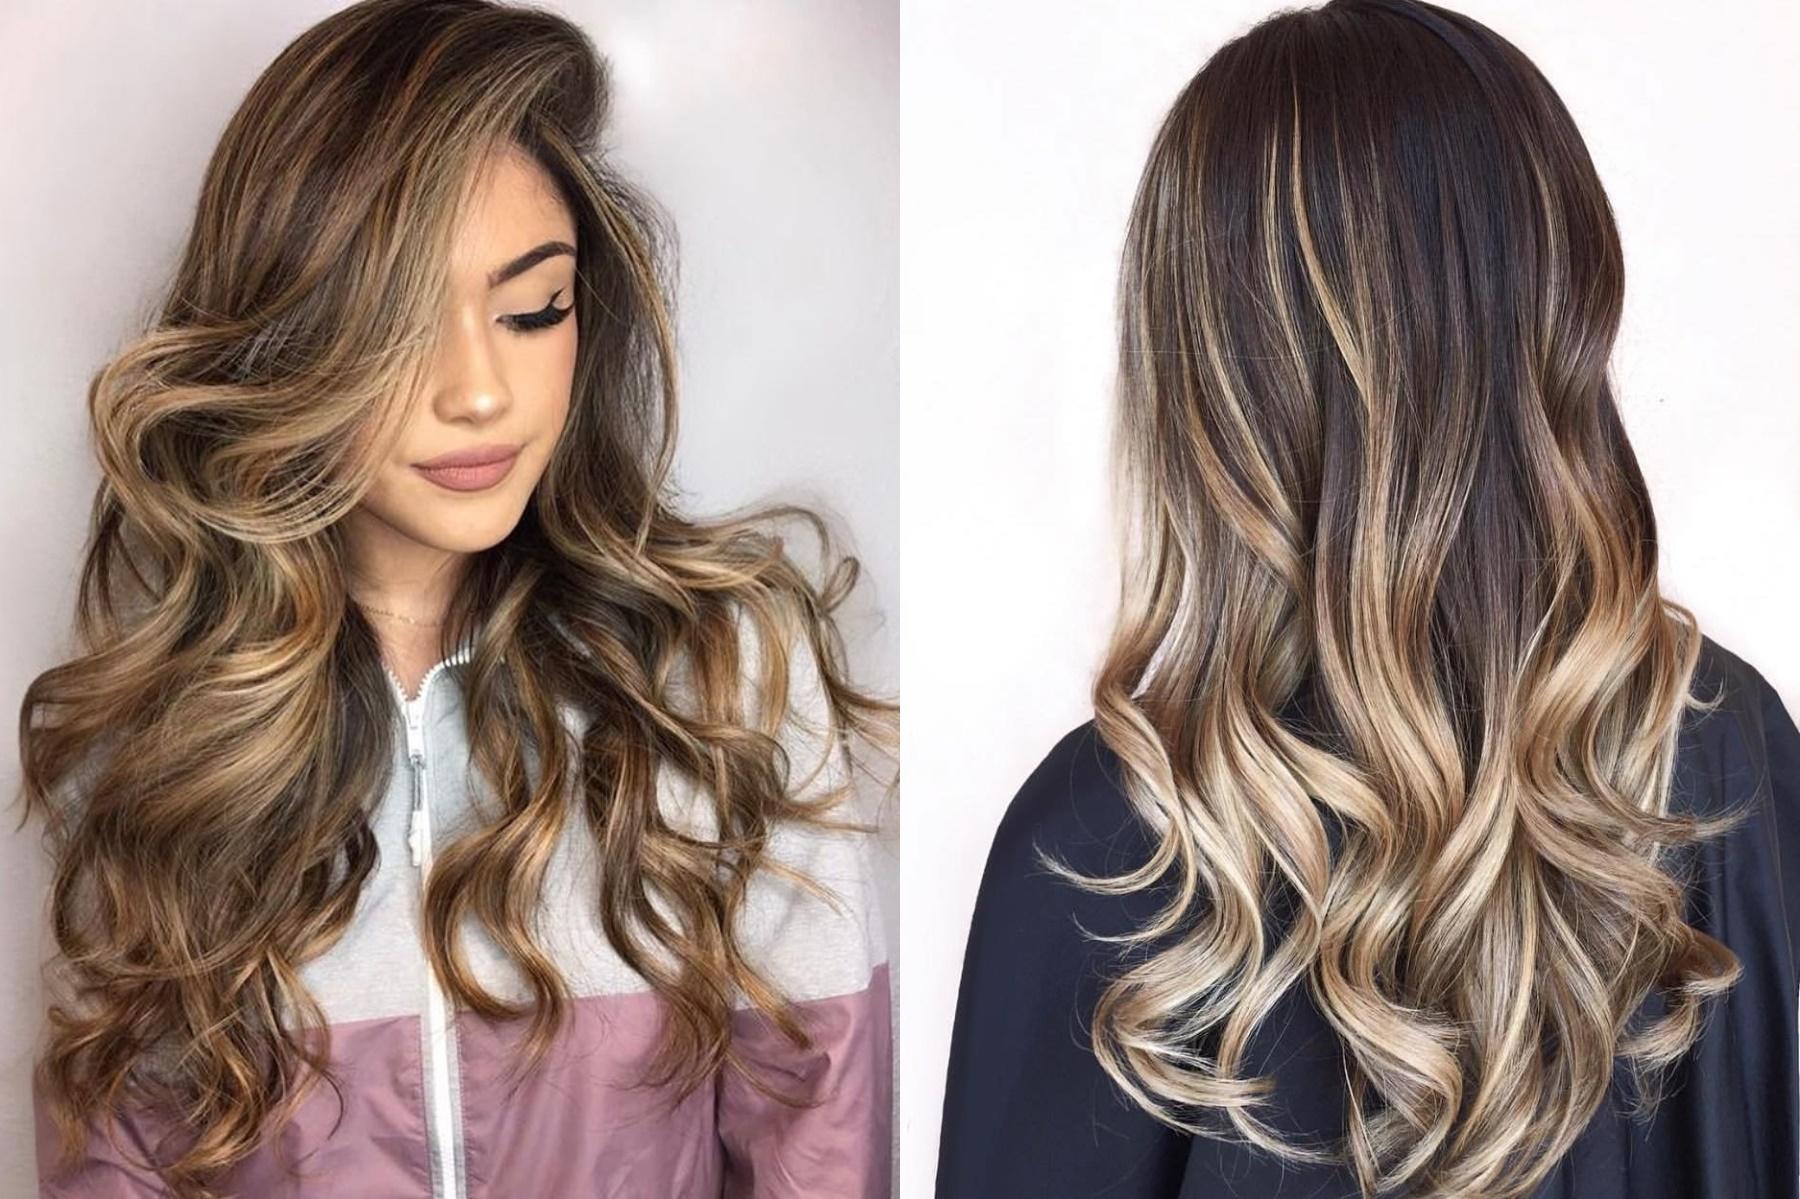 Омбре, шатуш и балаяж (54 фото): что это такое и чем они отличаются? в чем их отличия от техник окрашивания волос сомбре и калифорнийское мелирование?